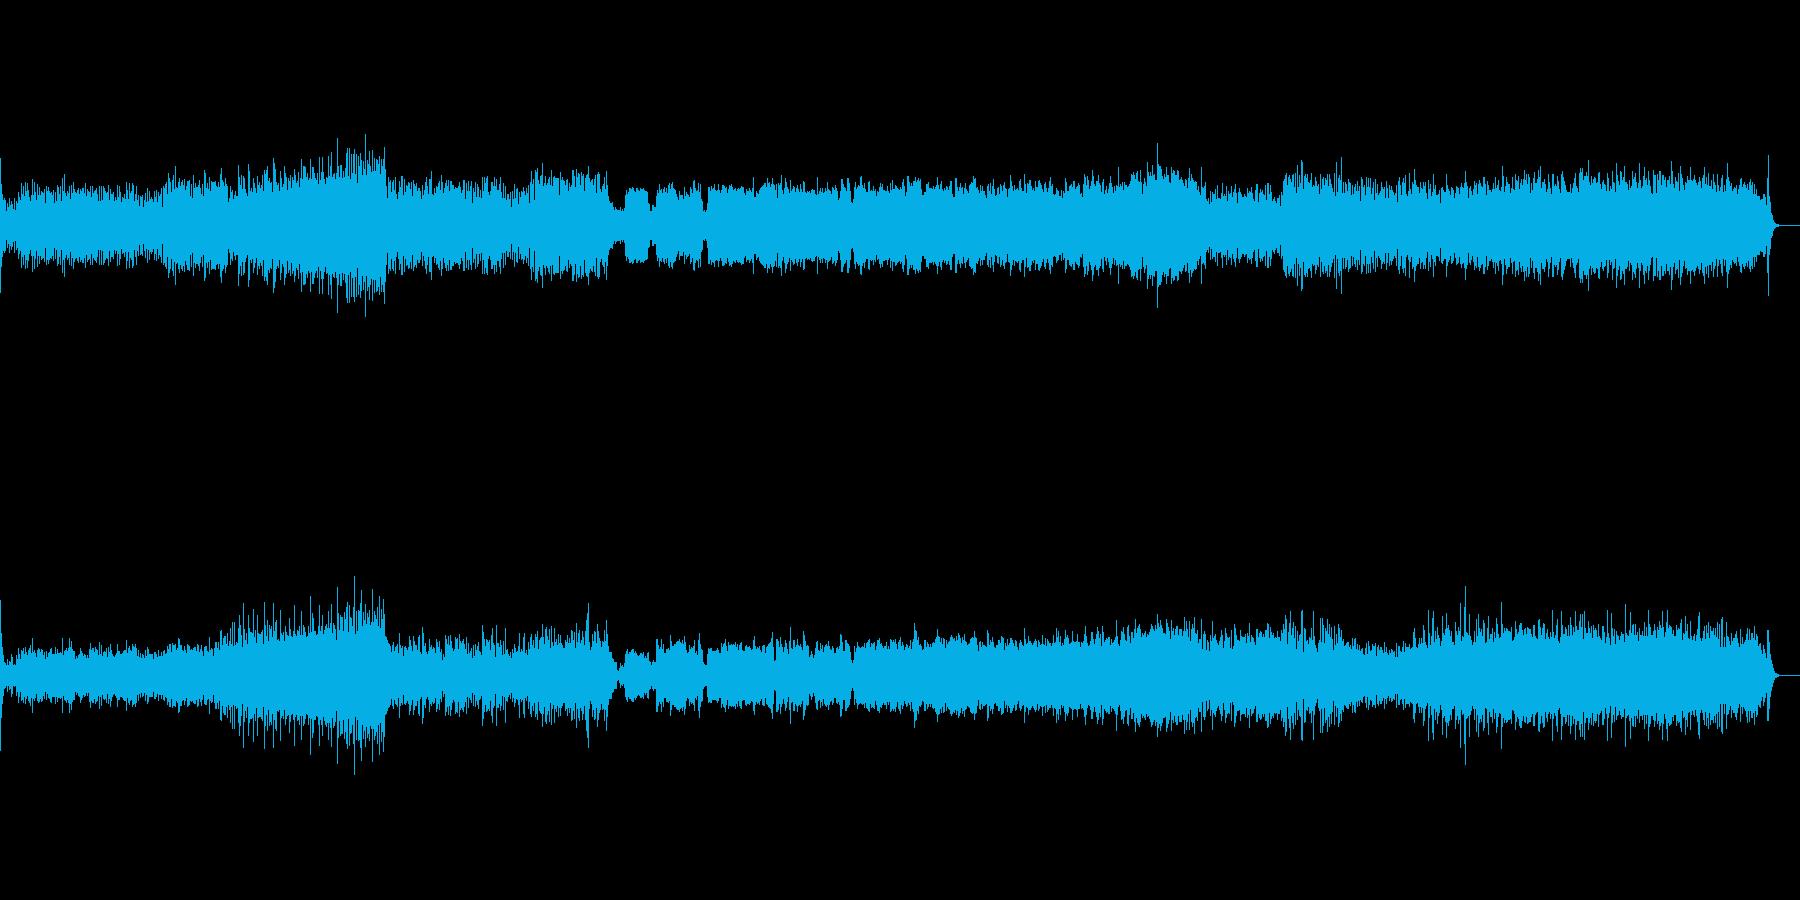 吹奏楽のための第一組曲より第二楽章の再生済みの波形